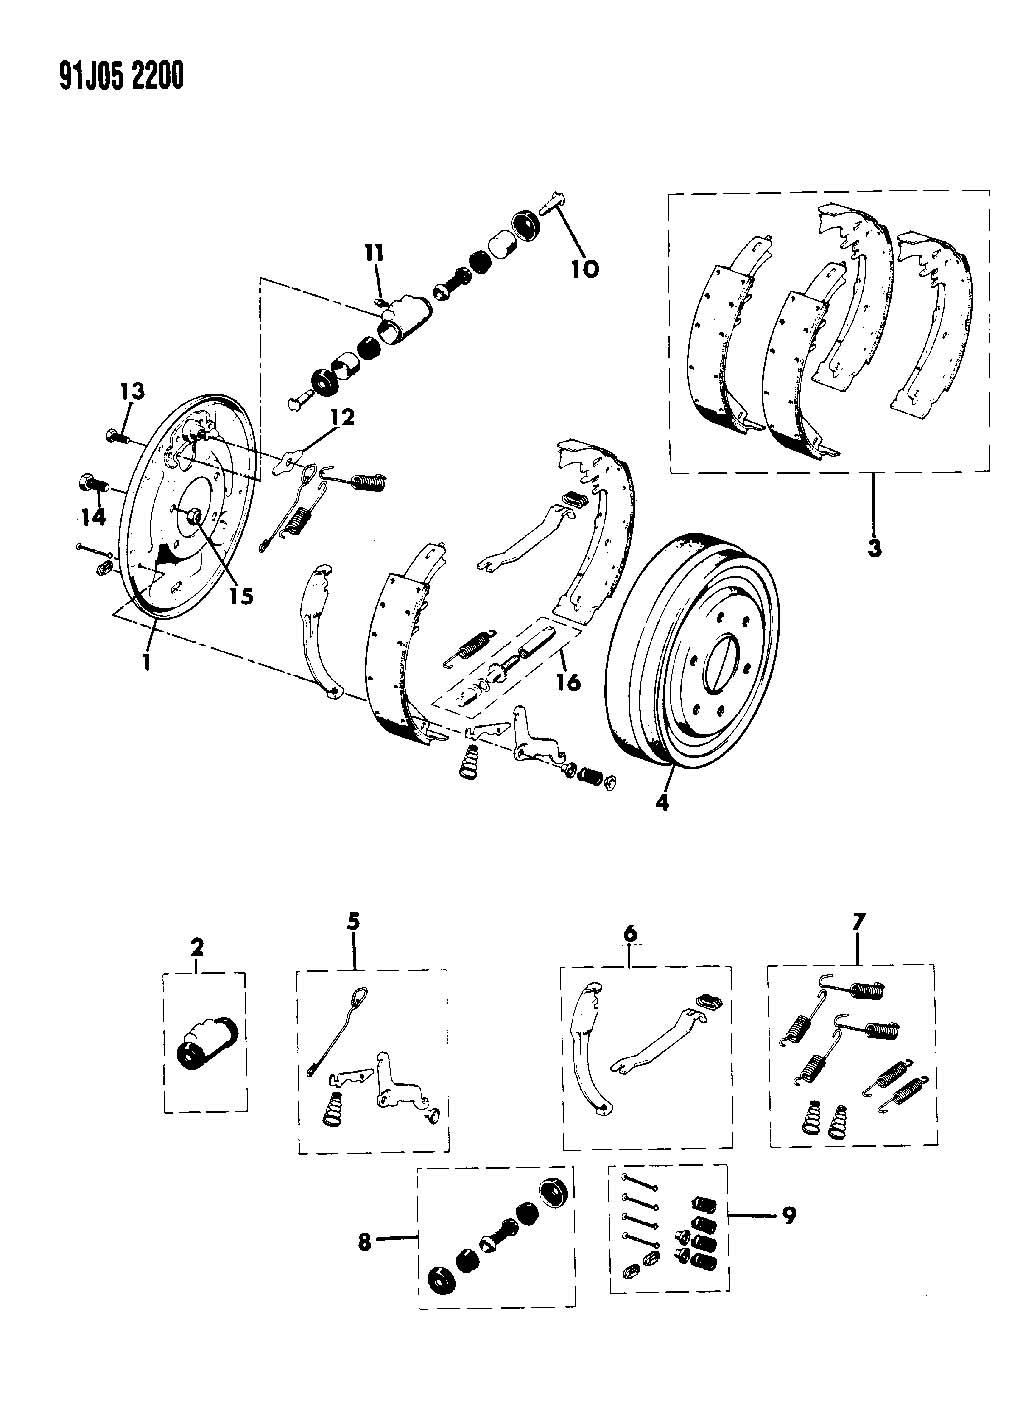 Jeep BRAKES, REAR DRUM GRAND WAGONEER